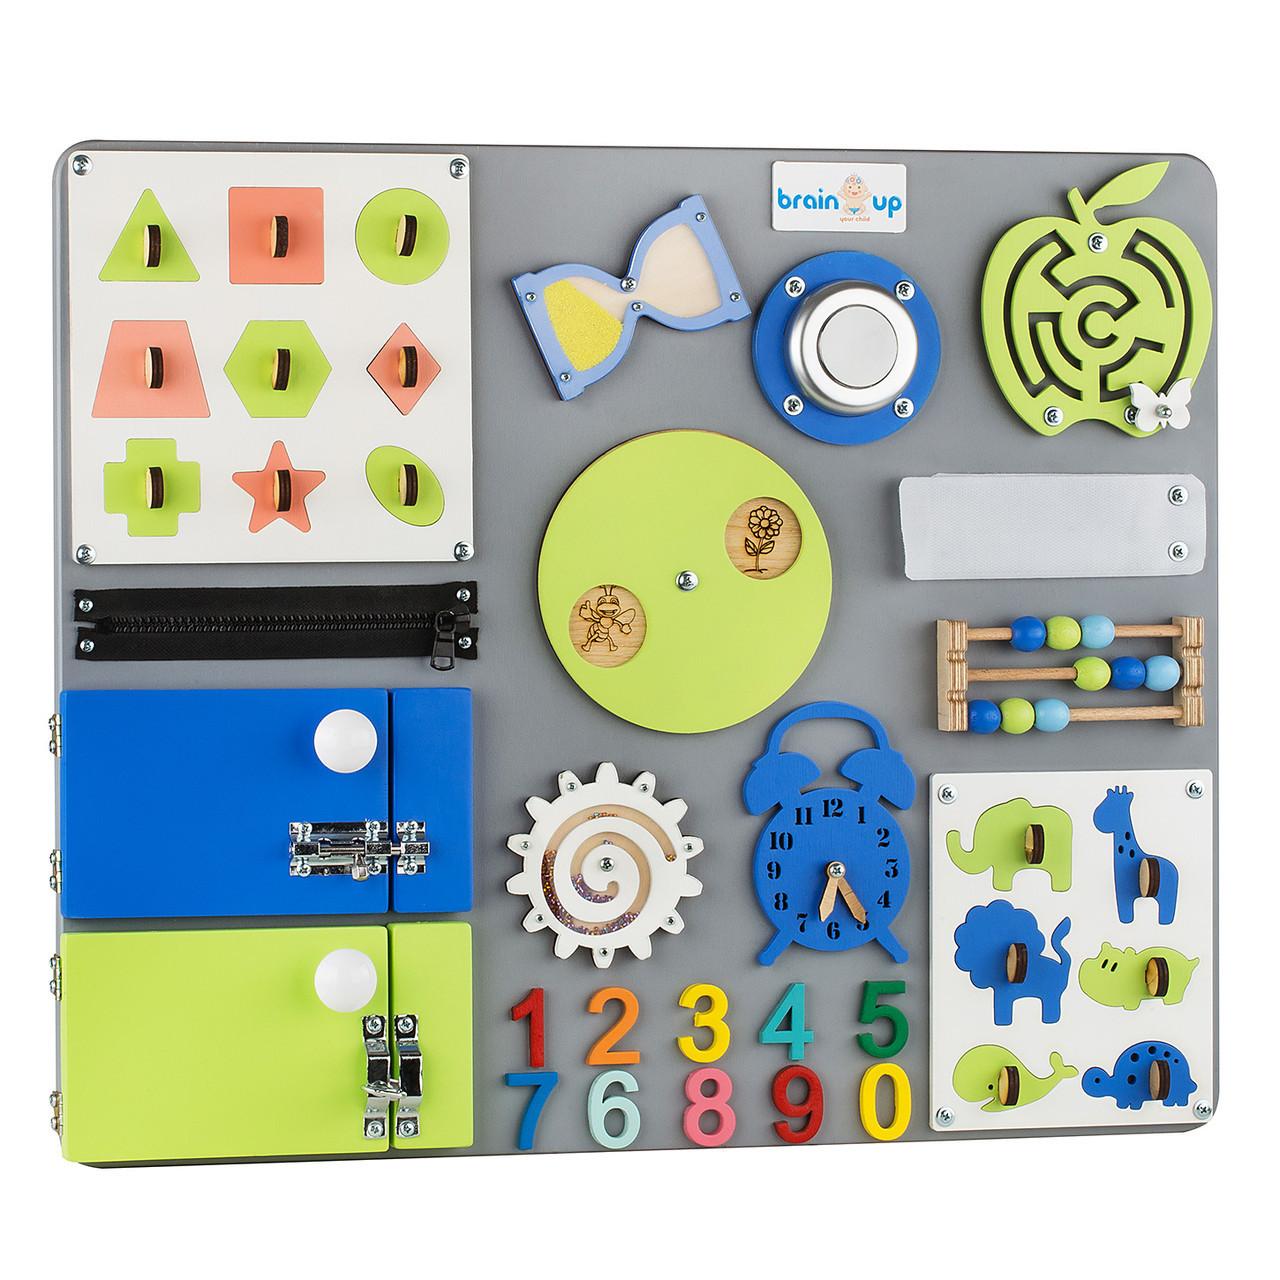 Бизиборд BrainUp Smart Busy Board настольная развивающая игра доска из 25 деталей M50x60 см (6004_2)